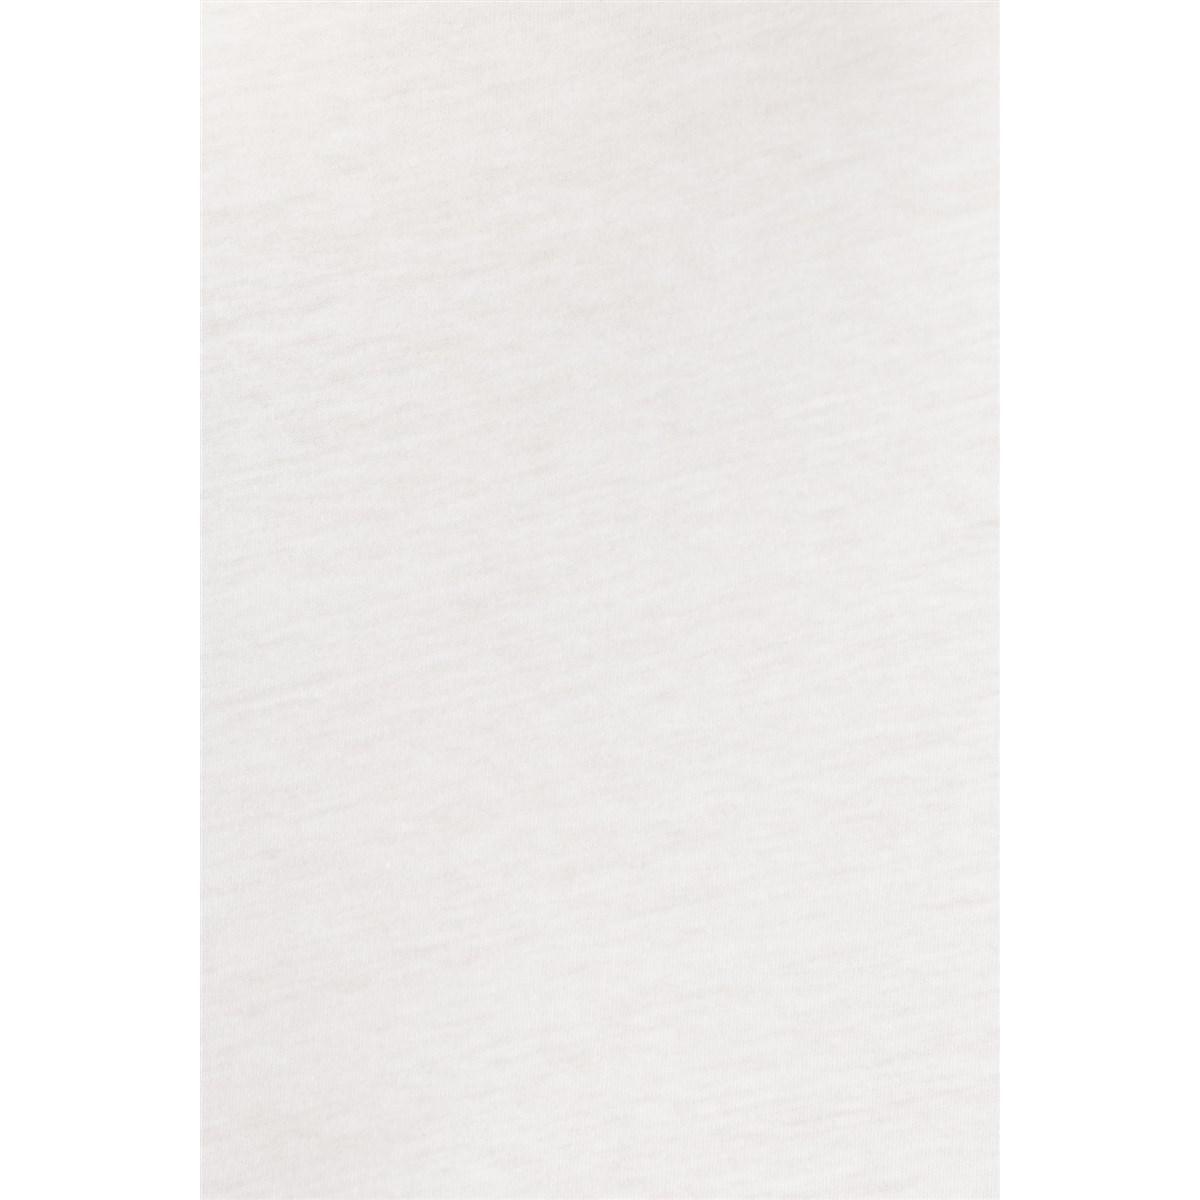 Mavi Baskili Tişört Beyaz